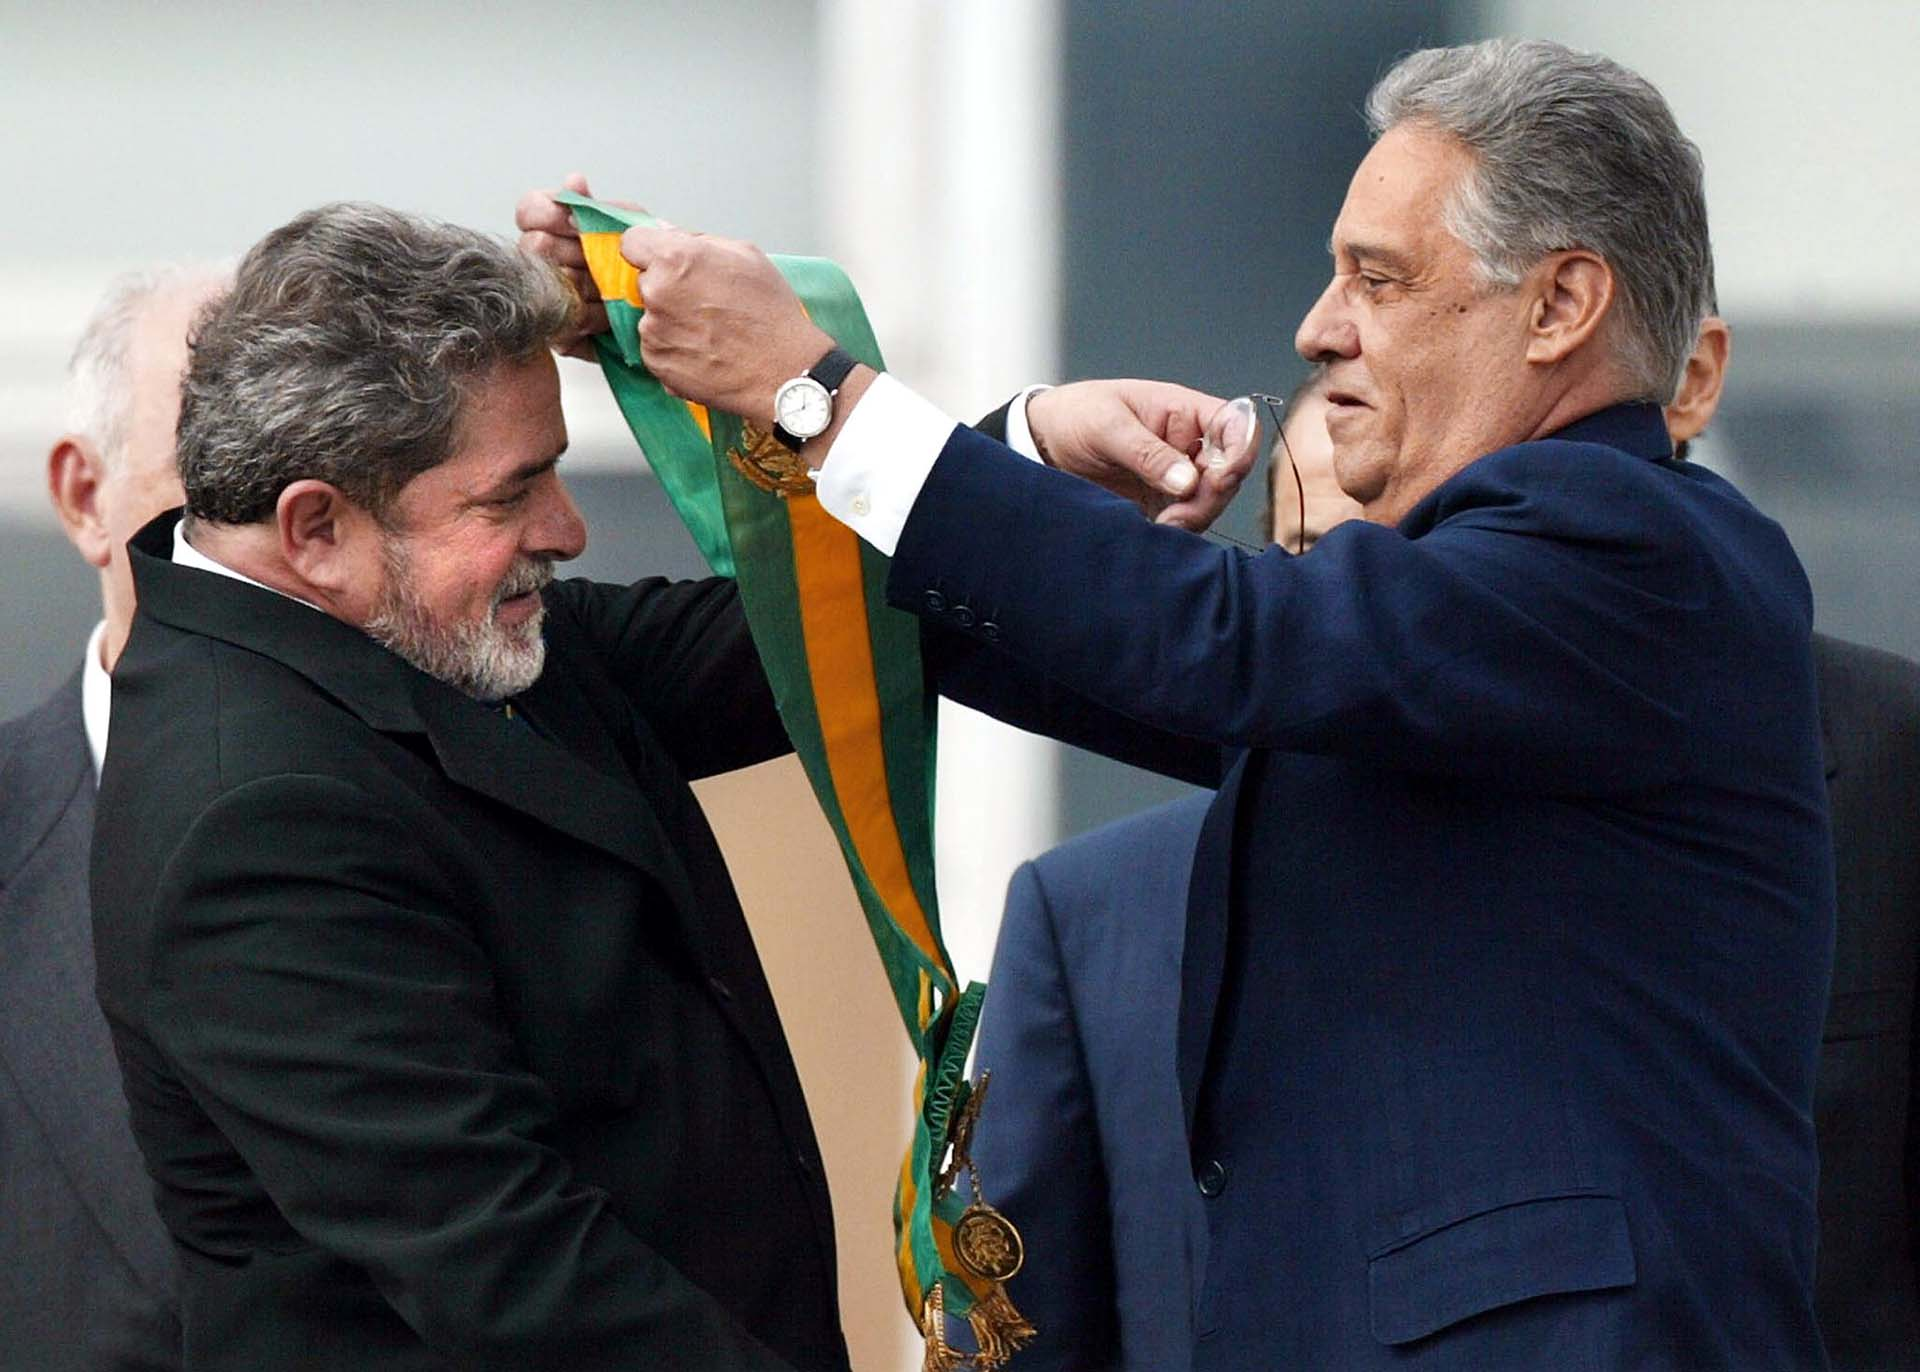 1 de enero de 2003, el presidente Fernando Henrique Cardoso le entrega la banda a su sucesor, Luiz Inácio Lula da Silva, quien se impuso en las elecciones de 2002 después de presentarse como aspirante al cargo en varias ocasiones (1989, 1994 y 1998)(AFP Photo / Orlando Kissner)